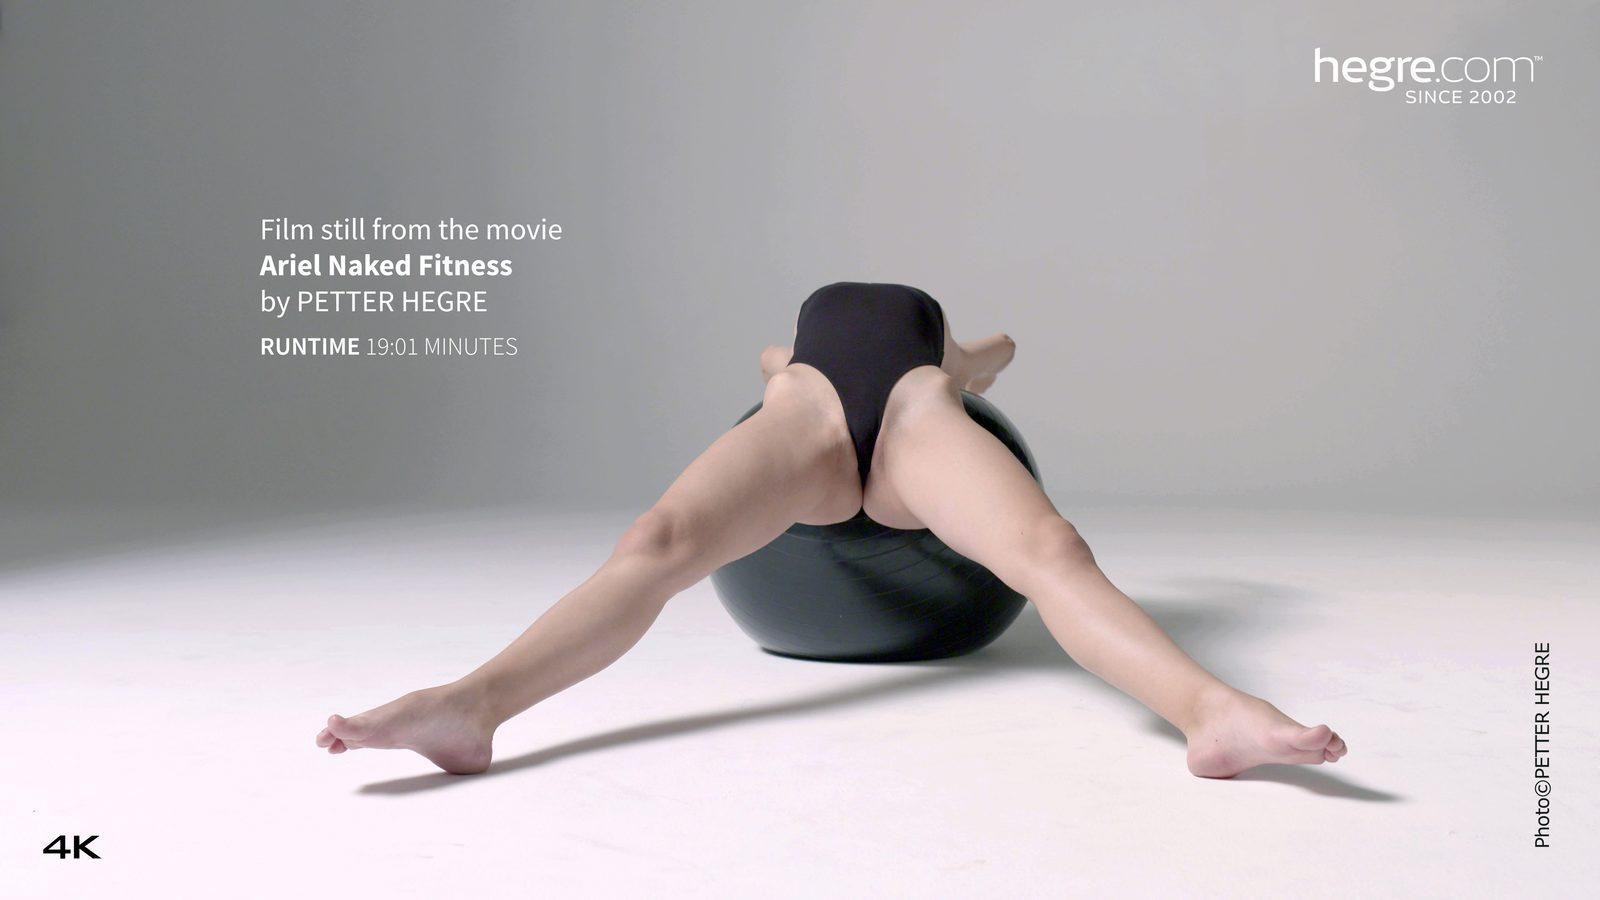 Hegre Art [hegre-art]2017-03-21 Ariel Naked Fitness ariel-naked-fitness-2160p: 0.97 GB